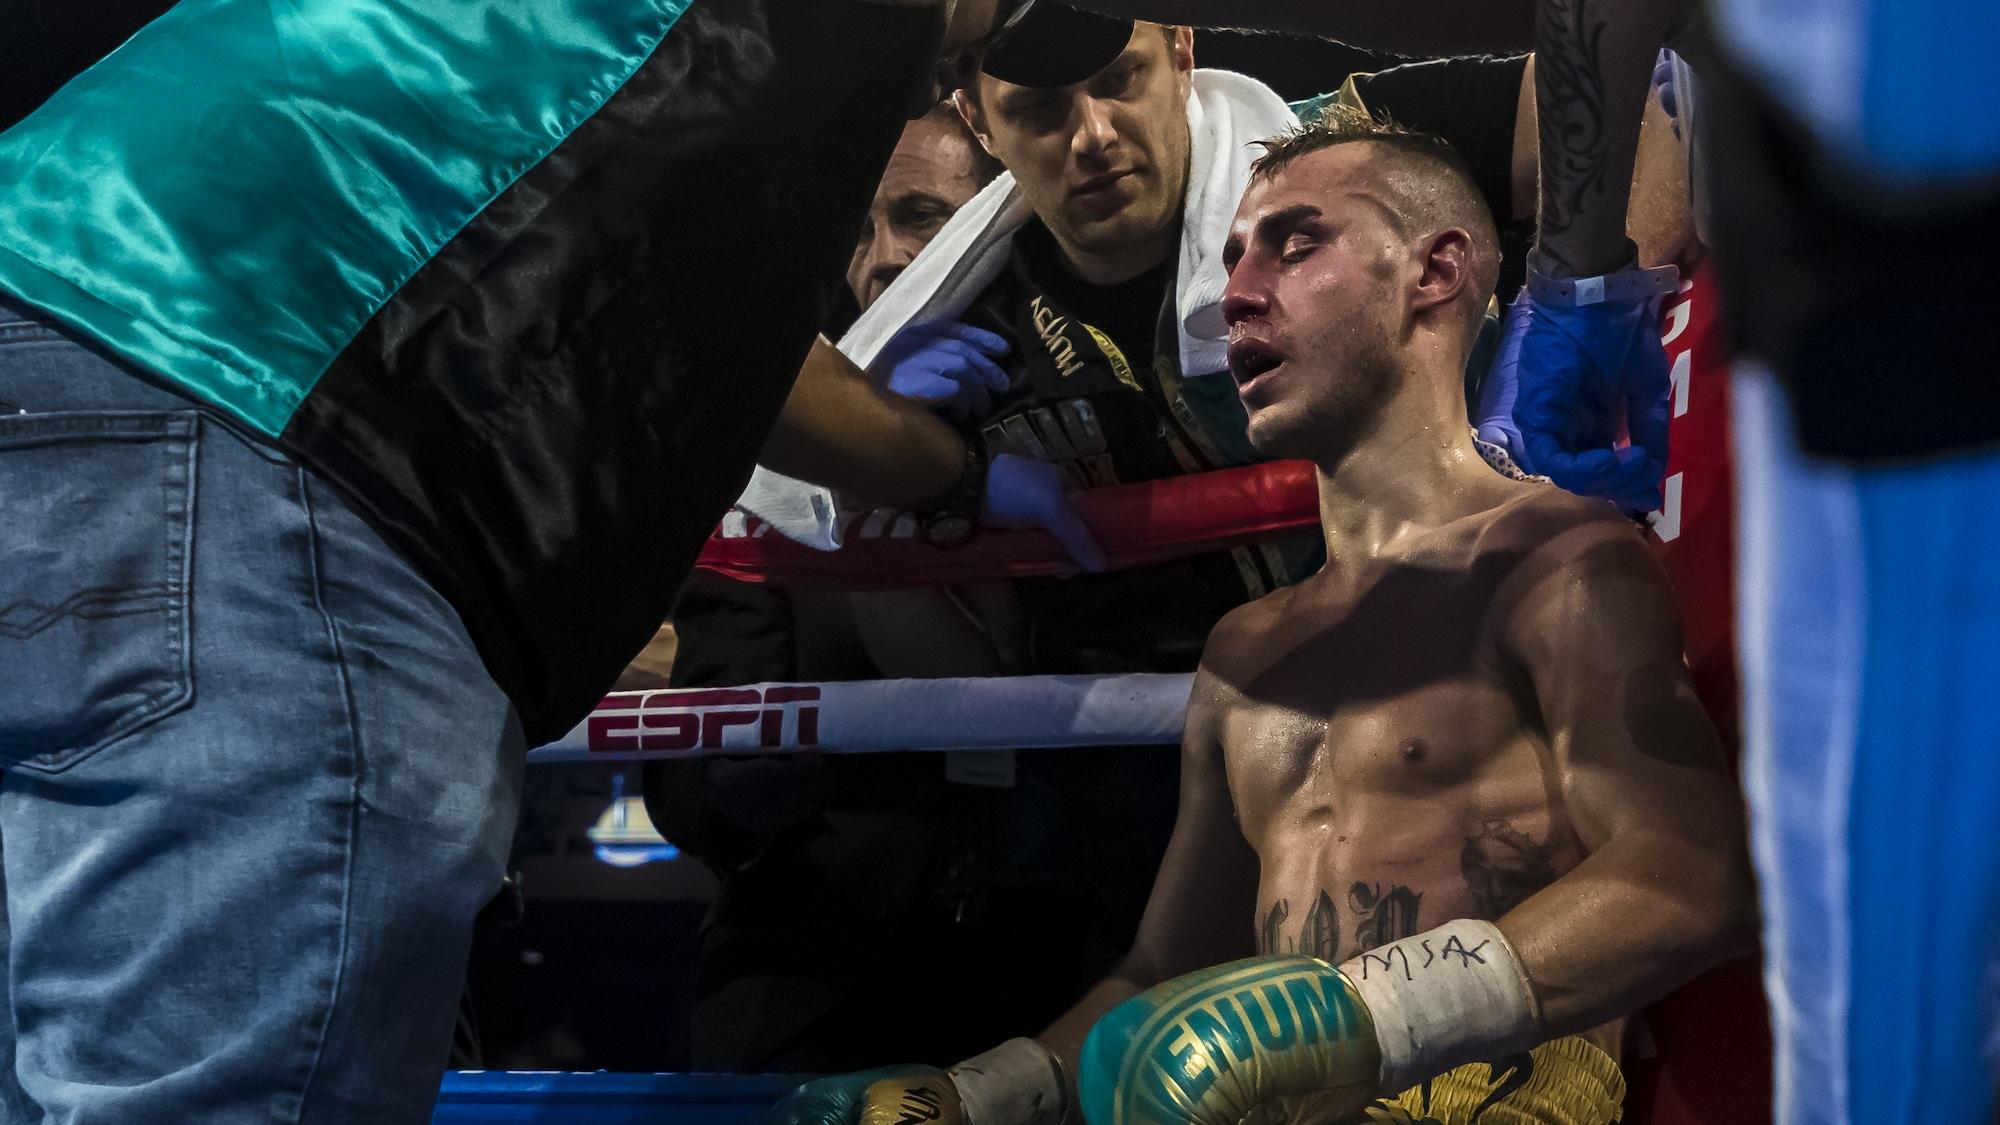 Mit Hirnblutung: Russen-Boxer stirbt nach 260 schweren Treffern